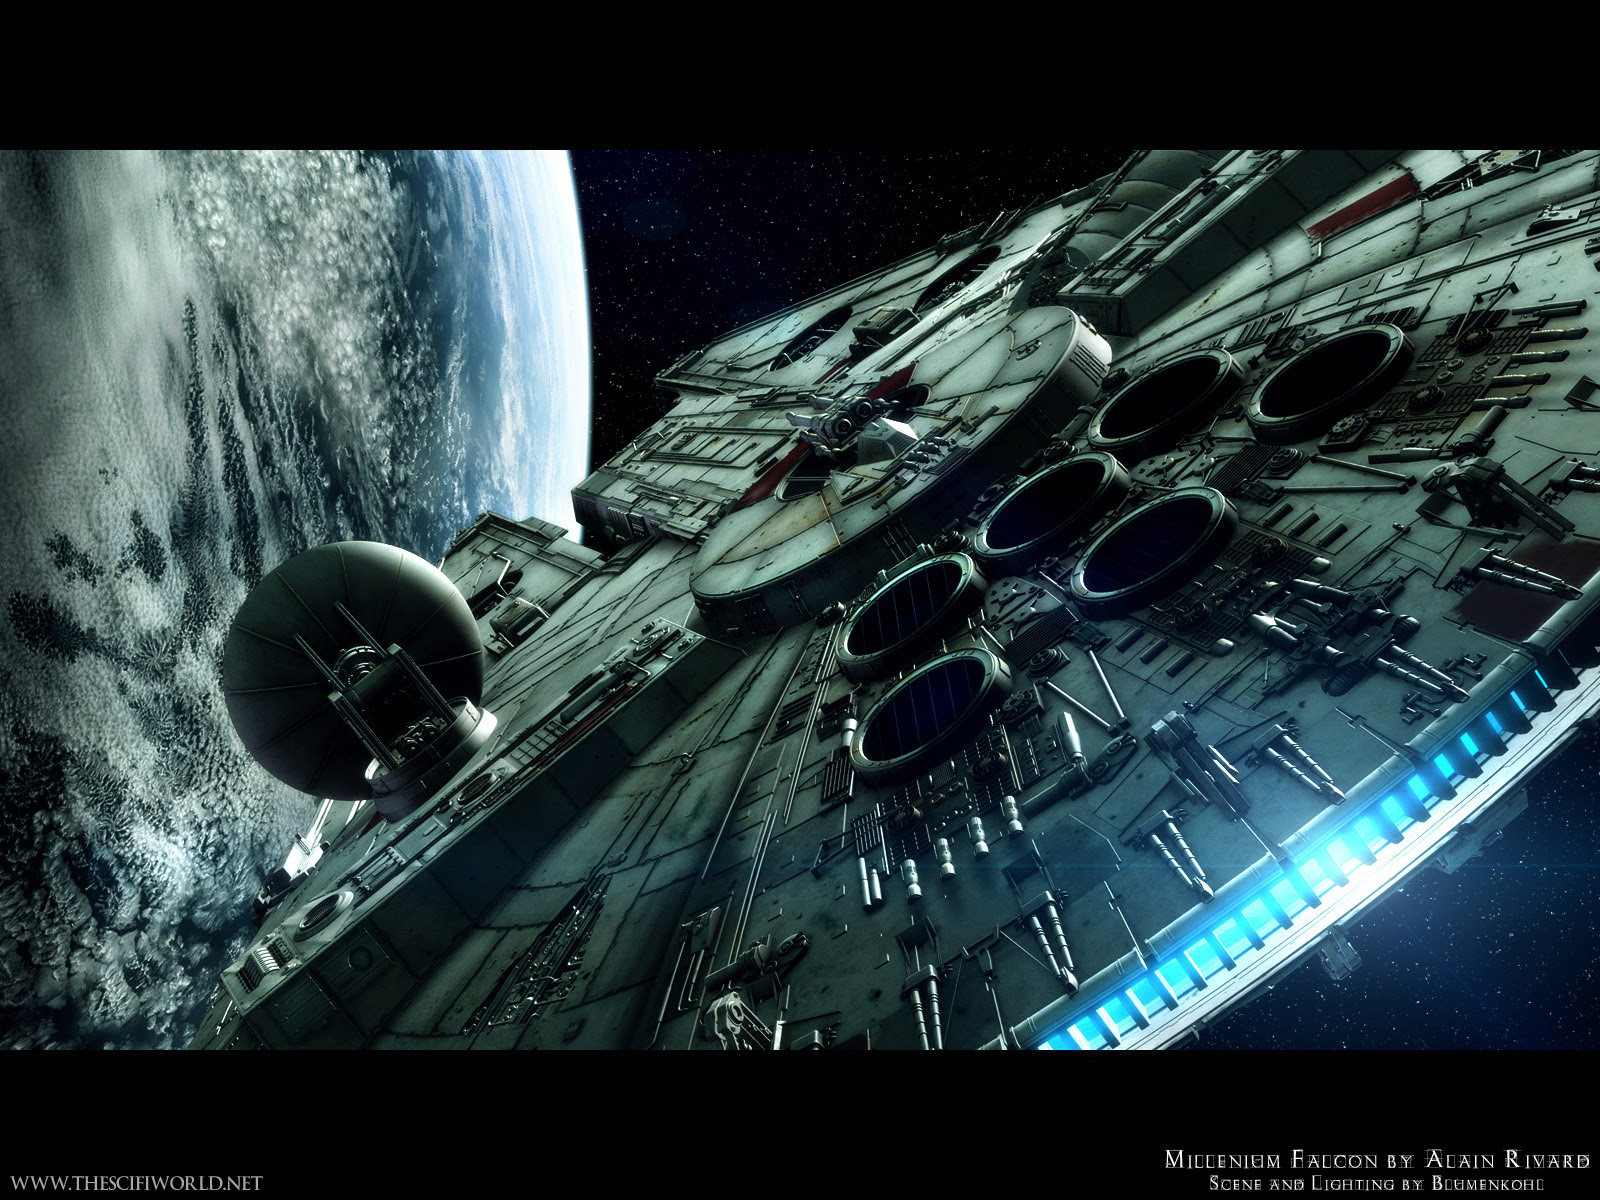 A batalha dos nerds starwars versus startrek